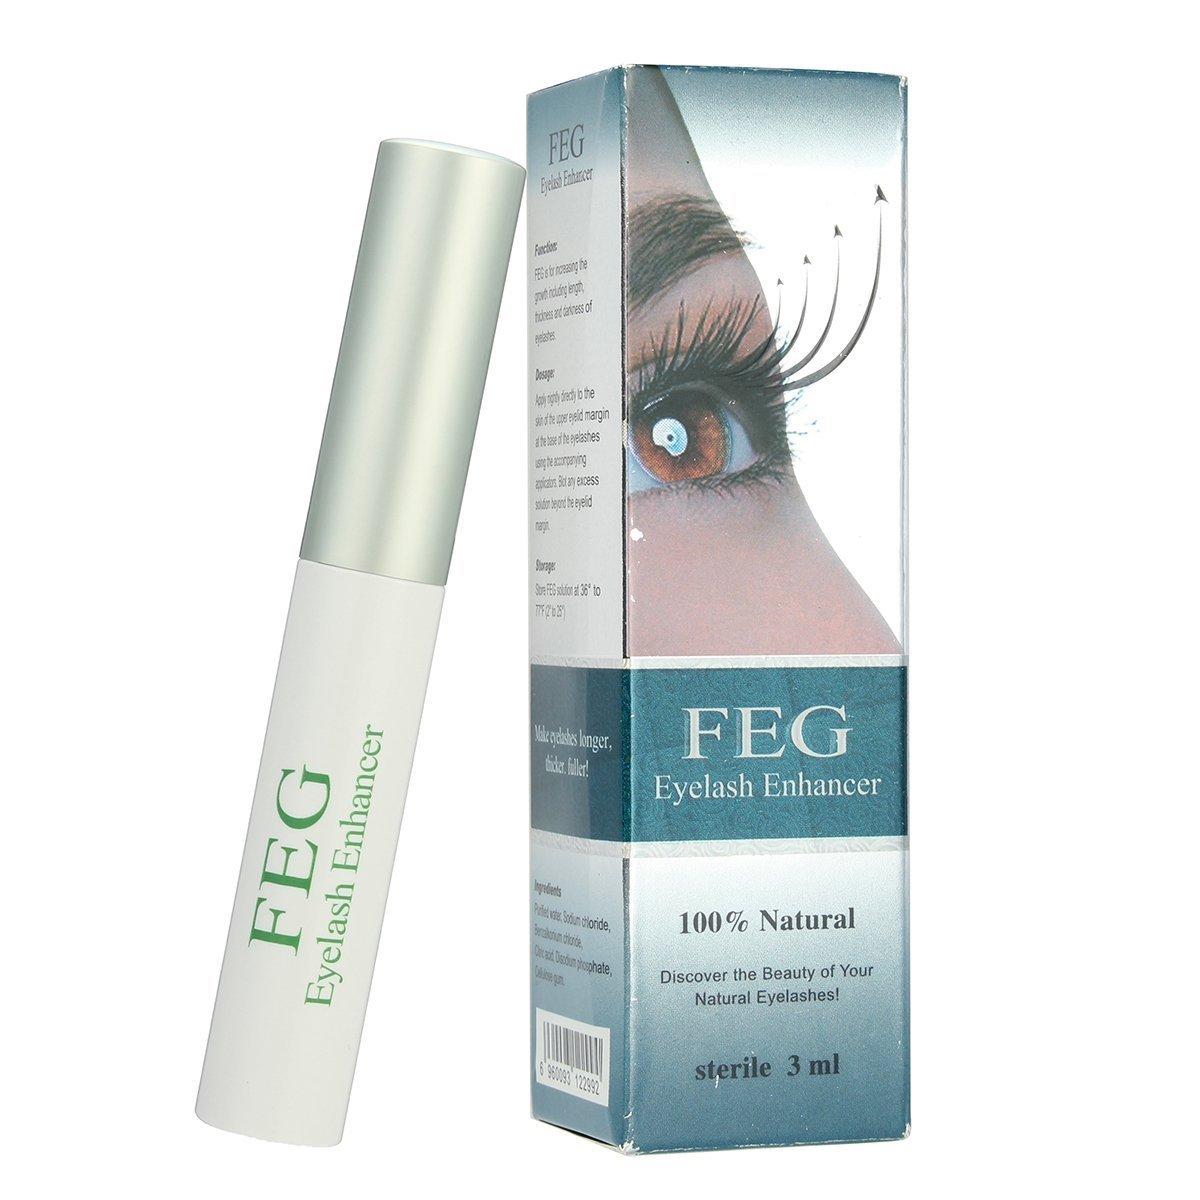 Eyelashes Growth Serum -LuckyFine- Crescita Siero Ciglia Siero Volumizzante per Ciglia Siero per Infoltire le Ciglia Arricchisce Ciglia e Sopracciglia Rendendole più Lunghe, Folte e Rigogliose, Esalta la Naturale Bellezza (3ml)